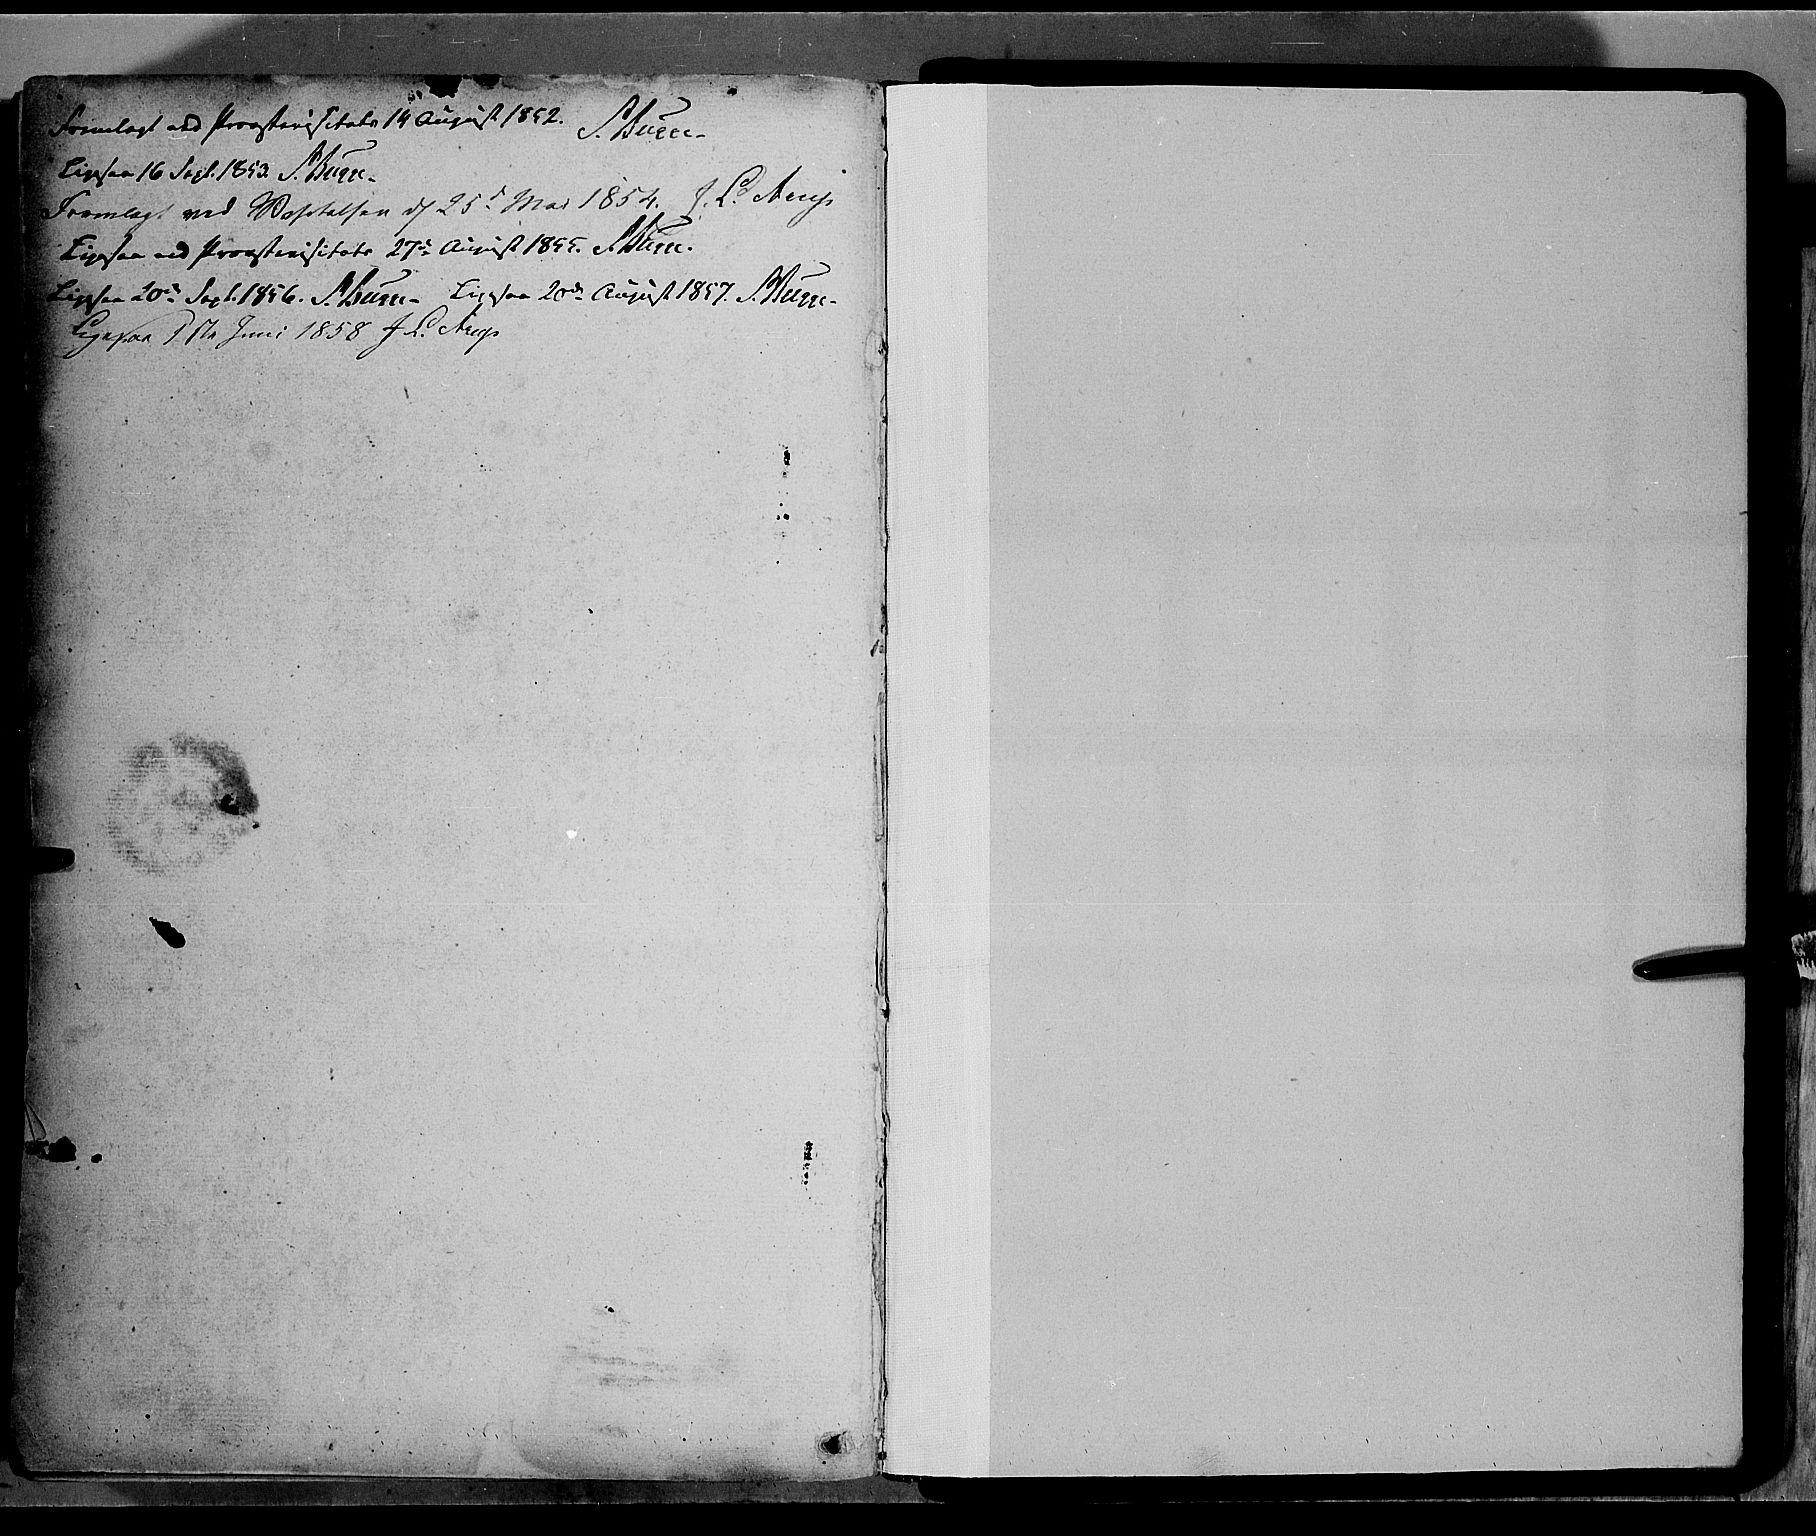 SAH, Jevnaker prestekontor, Ministerialbok nr. 6, 1837-1857